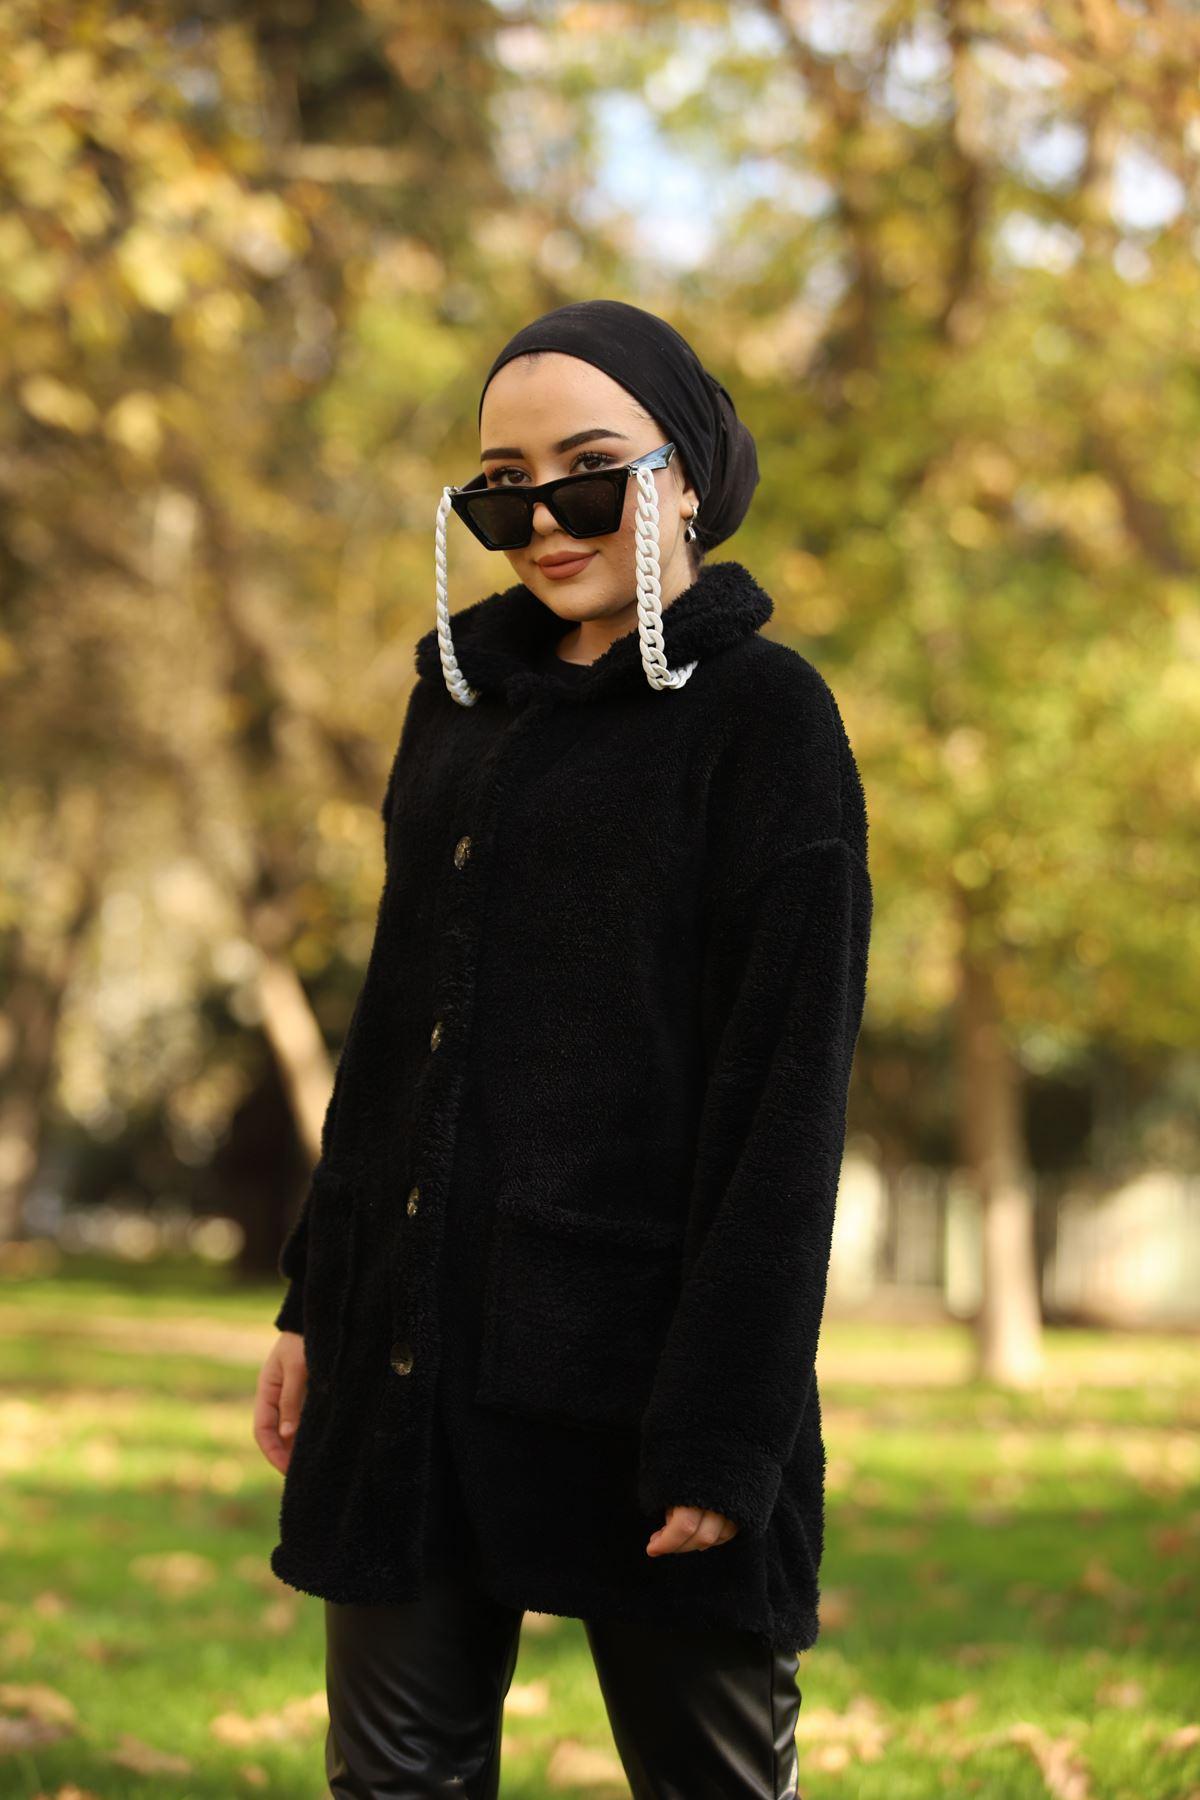 Düğmeli Peluş Ceket - Siyah